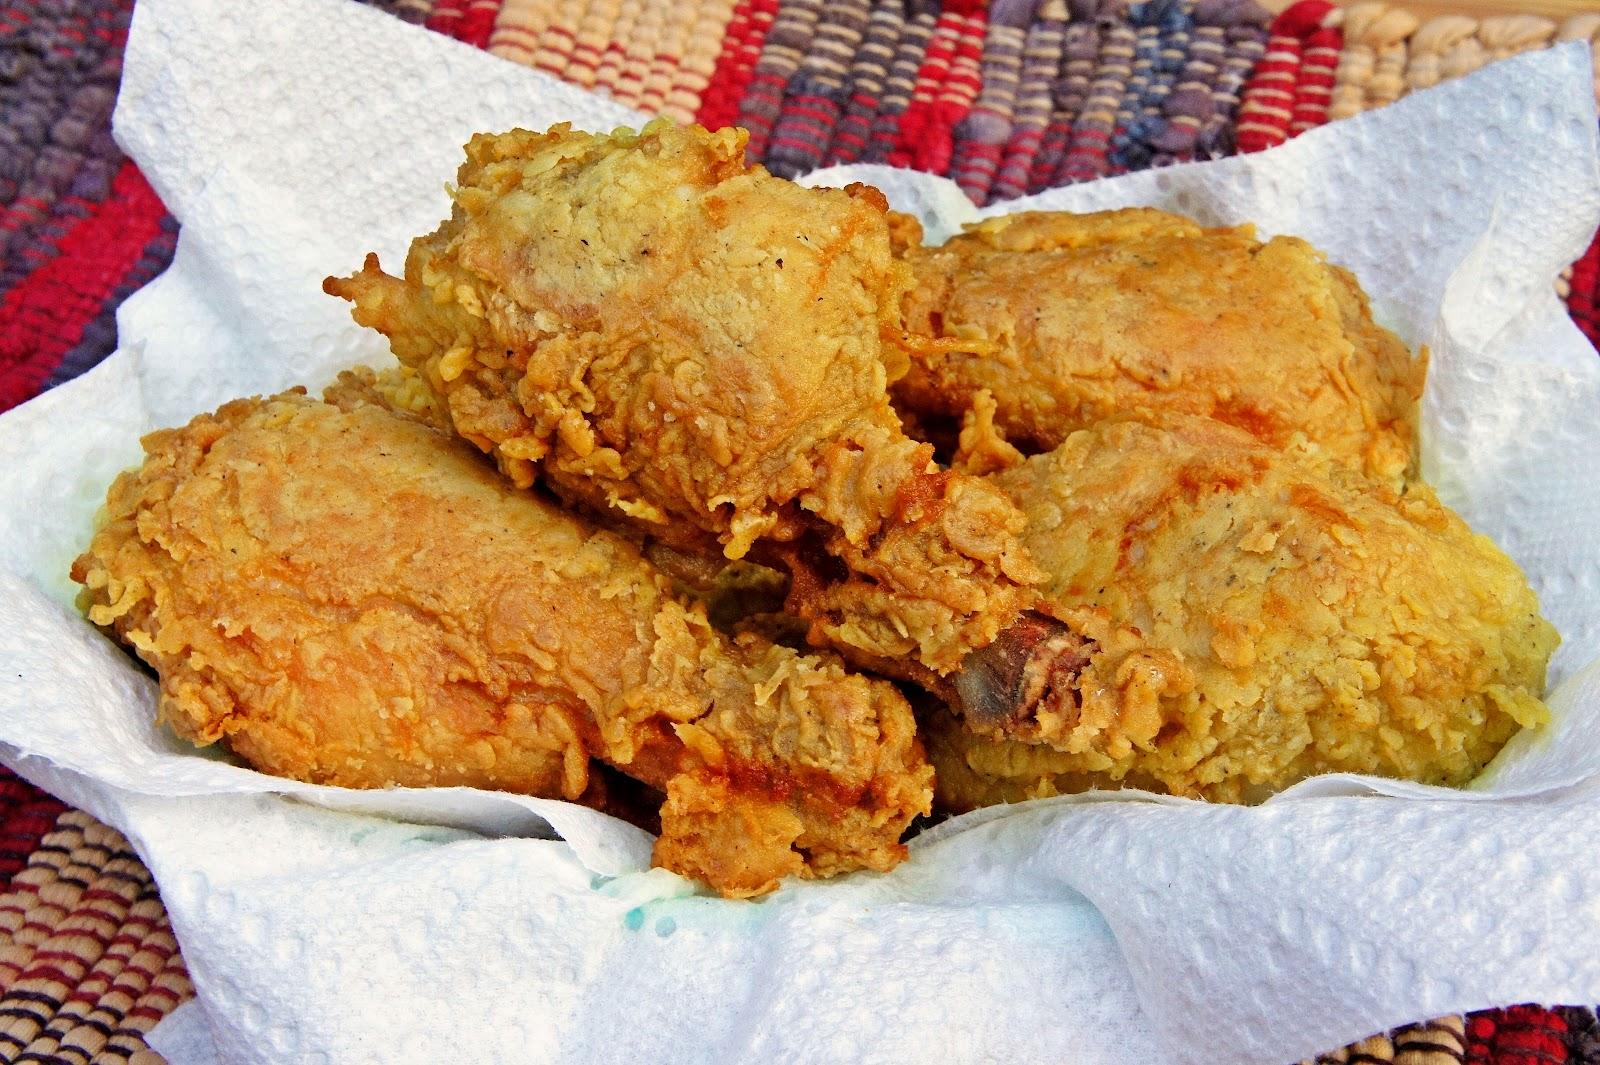 resep ayam goreng tepung ala kfc